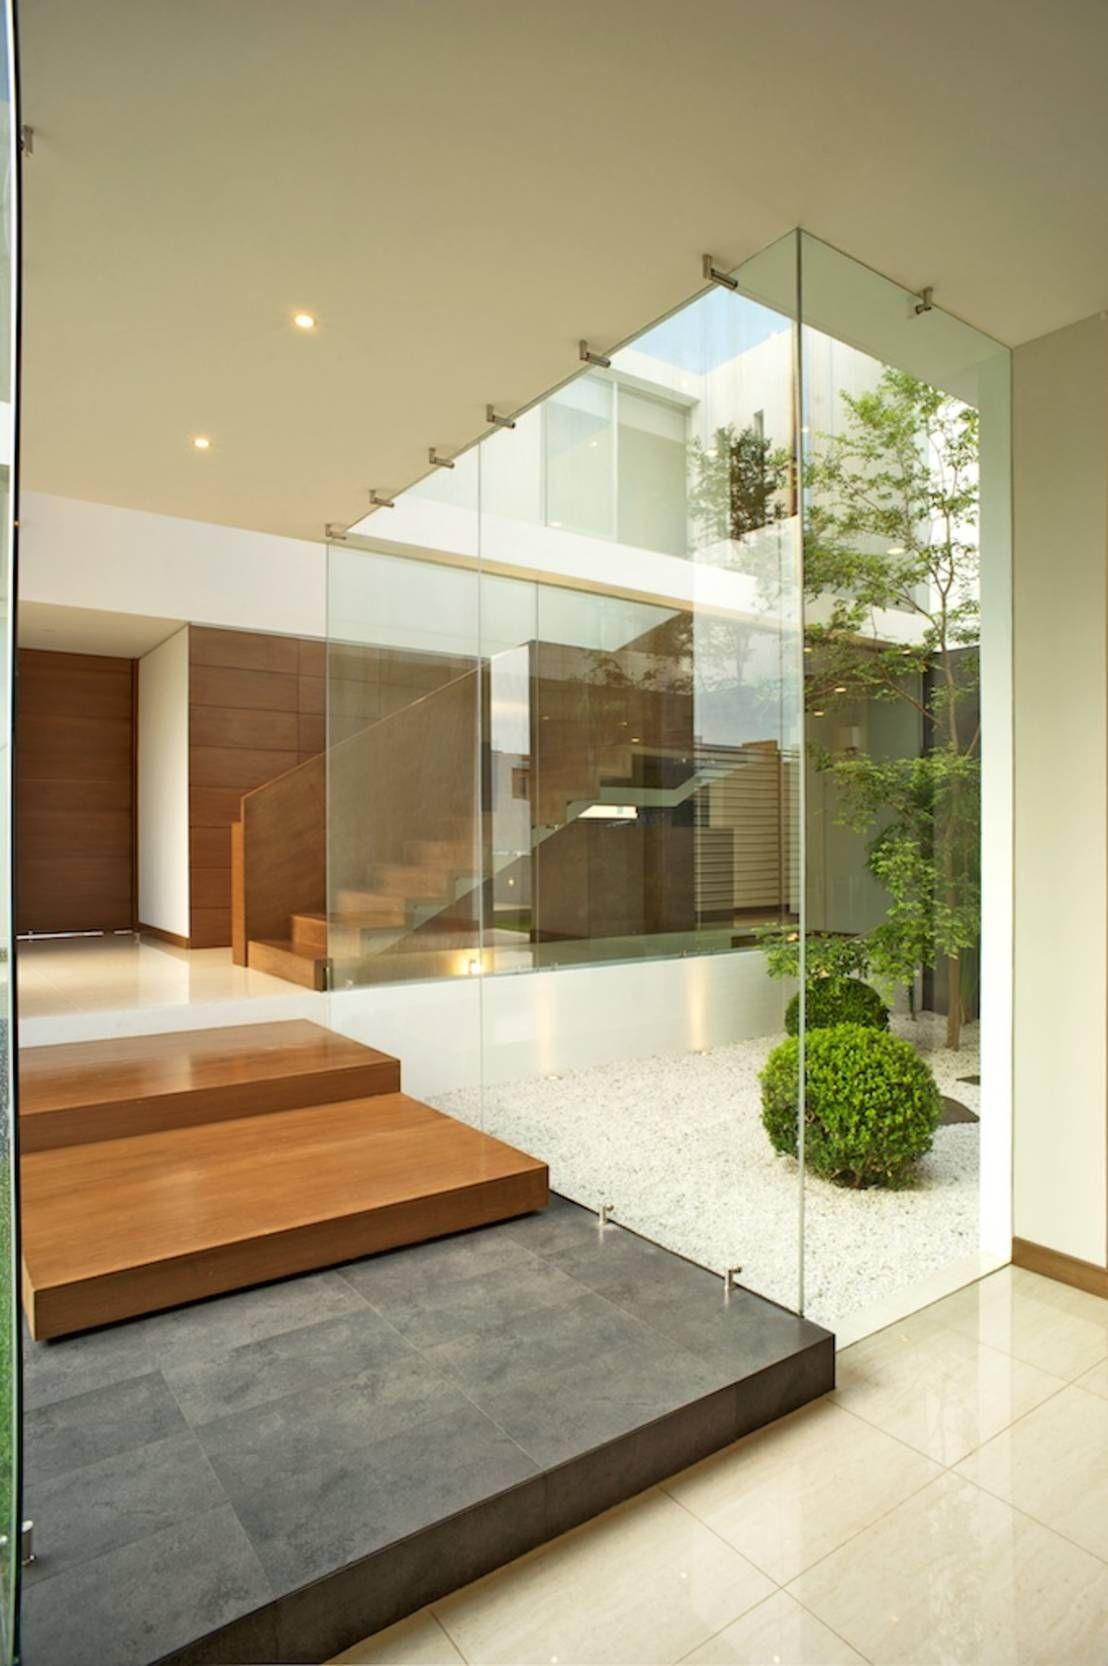 Ein erstaunlich modernes Haus | Architecture, Interior architecture ...